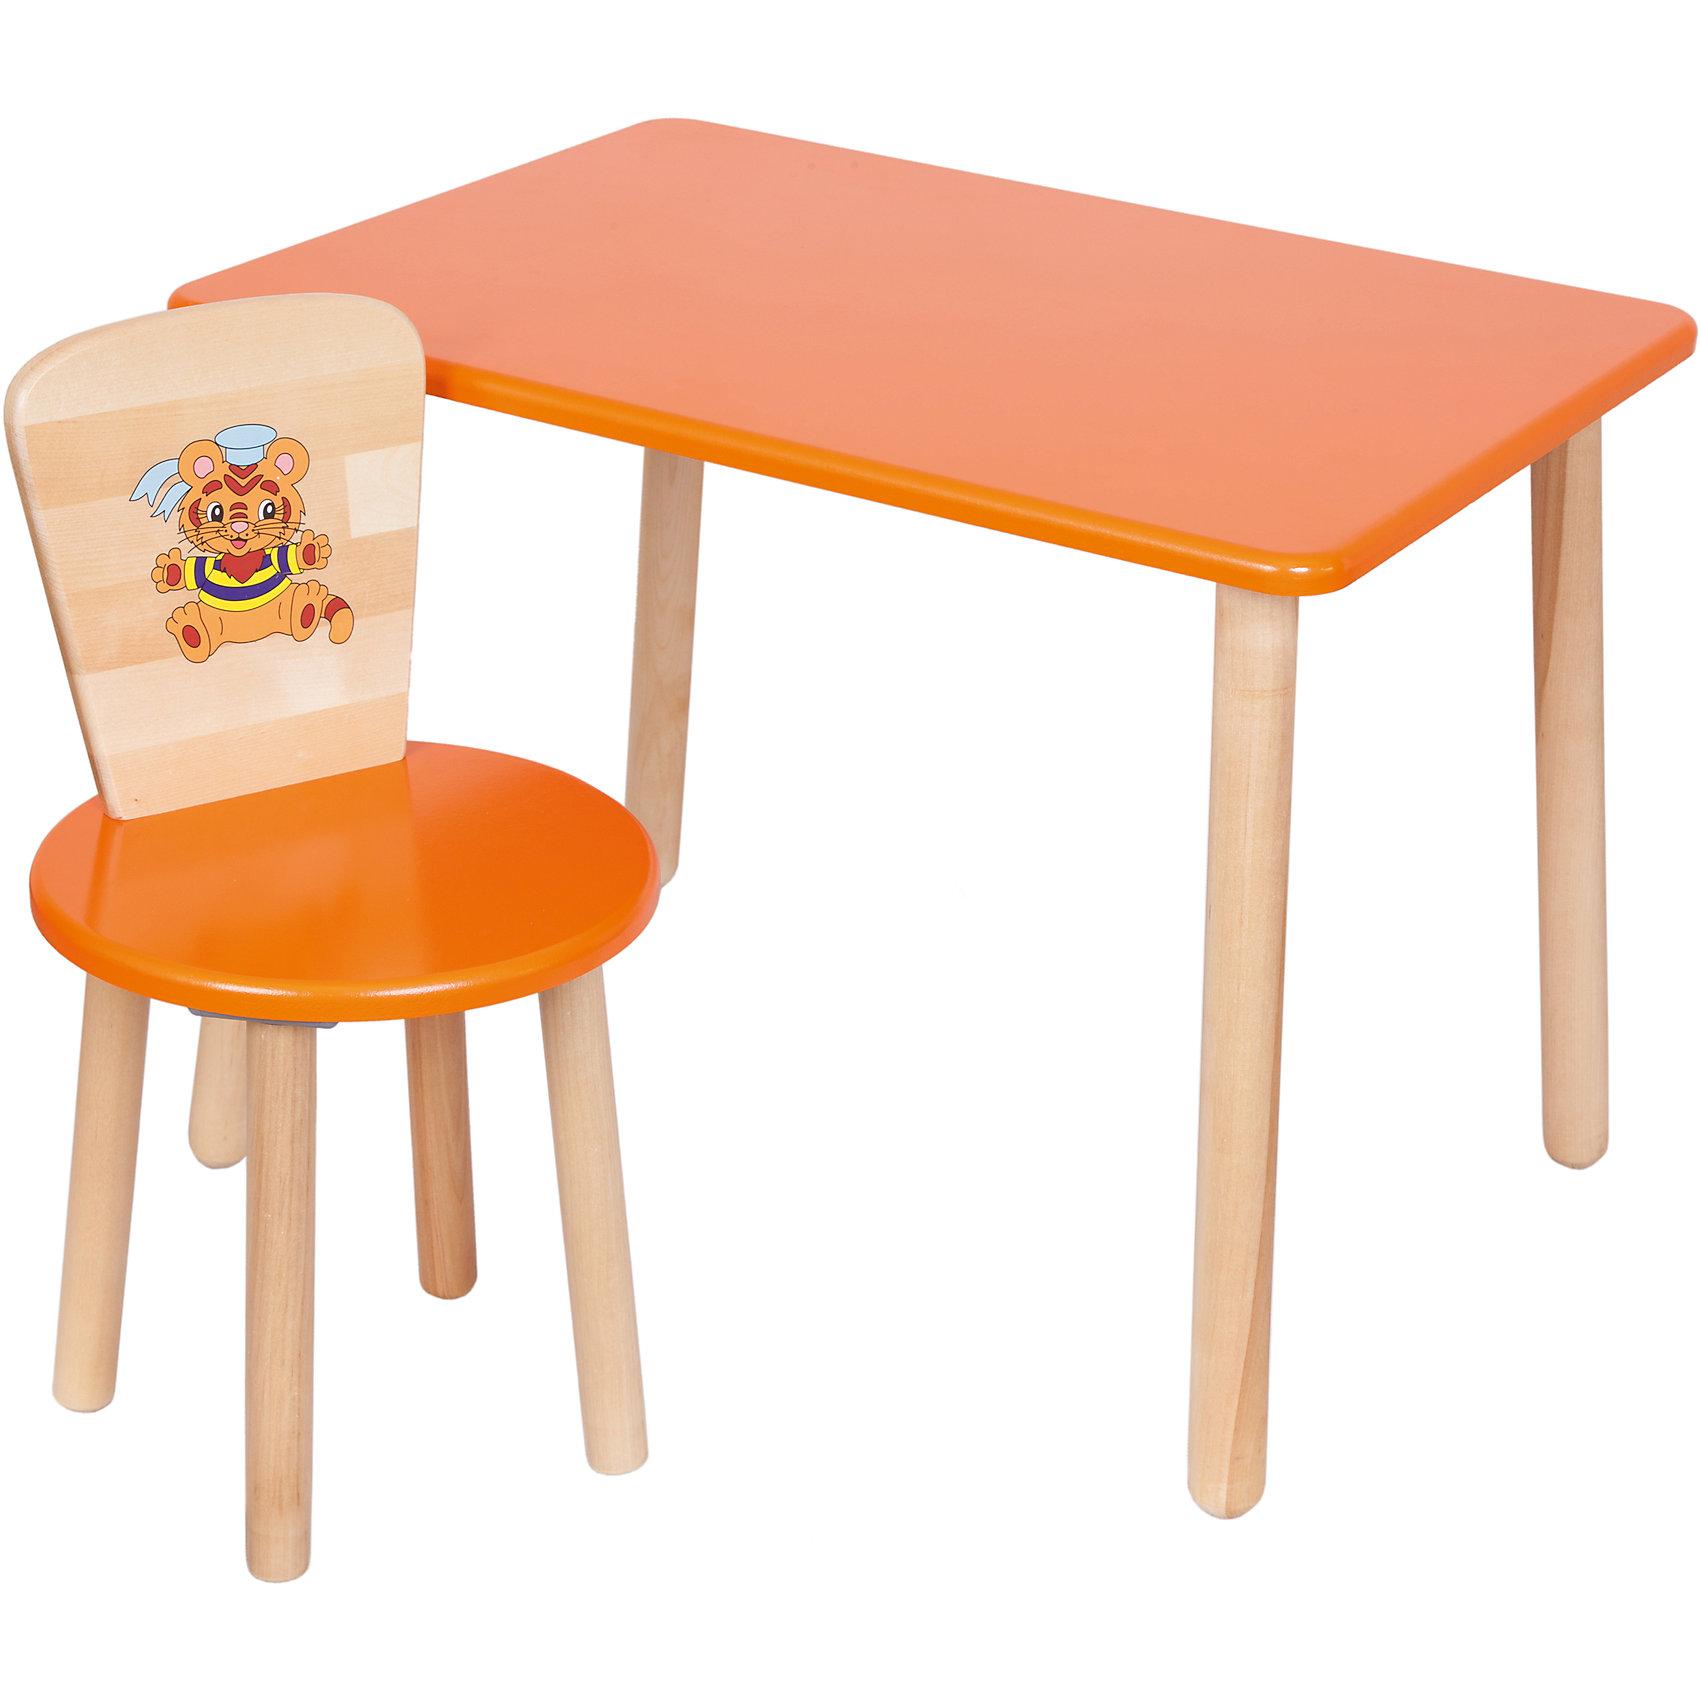 Набор: стол и стул, Русэкомебель, оранжевыйДетские столы и стулья<br>Набор мебели Эко от известного производителя Русэкомебель - практичный и красивый комплект, состоящий из стола и стула. Яркая мебель прекрасно впишется в интерьер детской и обязательно понравится вашему ребенку. Стул и стол не имеют острых углов, которые могут травмировать малышей. Гладкая поверхность столешницы и сиденья позволяет легко устранять любые загрязнения. Стол прямоугольной формы идеально подойдет для занятий, игр и творчества. Набор выполнен из высококачественных материалов, раскрашен безопасными, экологичными и нетоксичными красителями. <br><br>Дополнительная информация:<br><br>- Комплектация: стол, стул.<br>- Материал: дерево (береза), МДФ.<br>- Не имеет острых углов. <br>- Размер столешницы: 45x60 см. <br>- Высота стола: 52 см.<br>- Диаметр стула: 31 см. <br>- Высота стула: 57 см.<br>- Высота стула (от пола до сиденья): 32 см.<br><br>Набор мебели Эко № 1, оранжевый, можно купить в нашем магазине.<br><br>Ширина мм: 730<br>Глубина мм: 530<br>Высота мм: 140<br>Вес г: 8400<br>Цвет: оранжевый<br>Возраст от месяцев: 24<br>Возраст до месяцев: 84<br>Пол: Унисекс<br>Возраст: Детский<br>SKU: 4756477